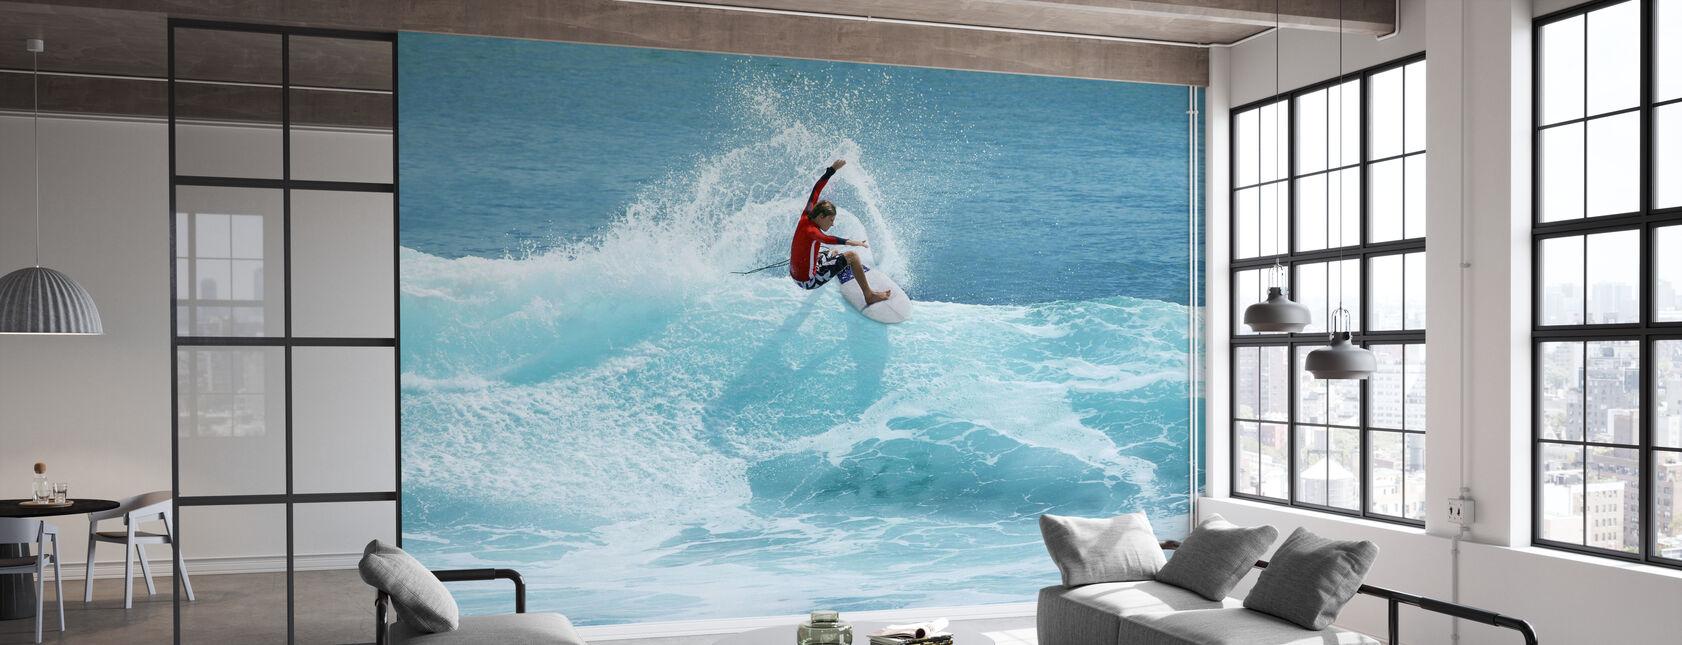 Surfer carving Top af bølge - Tapet - Kontor